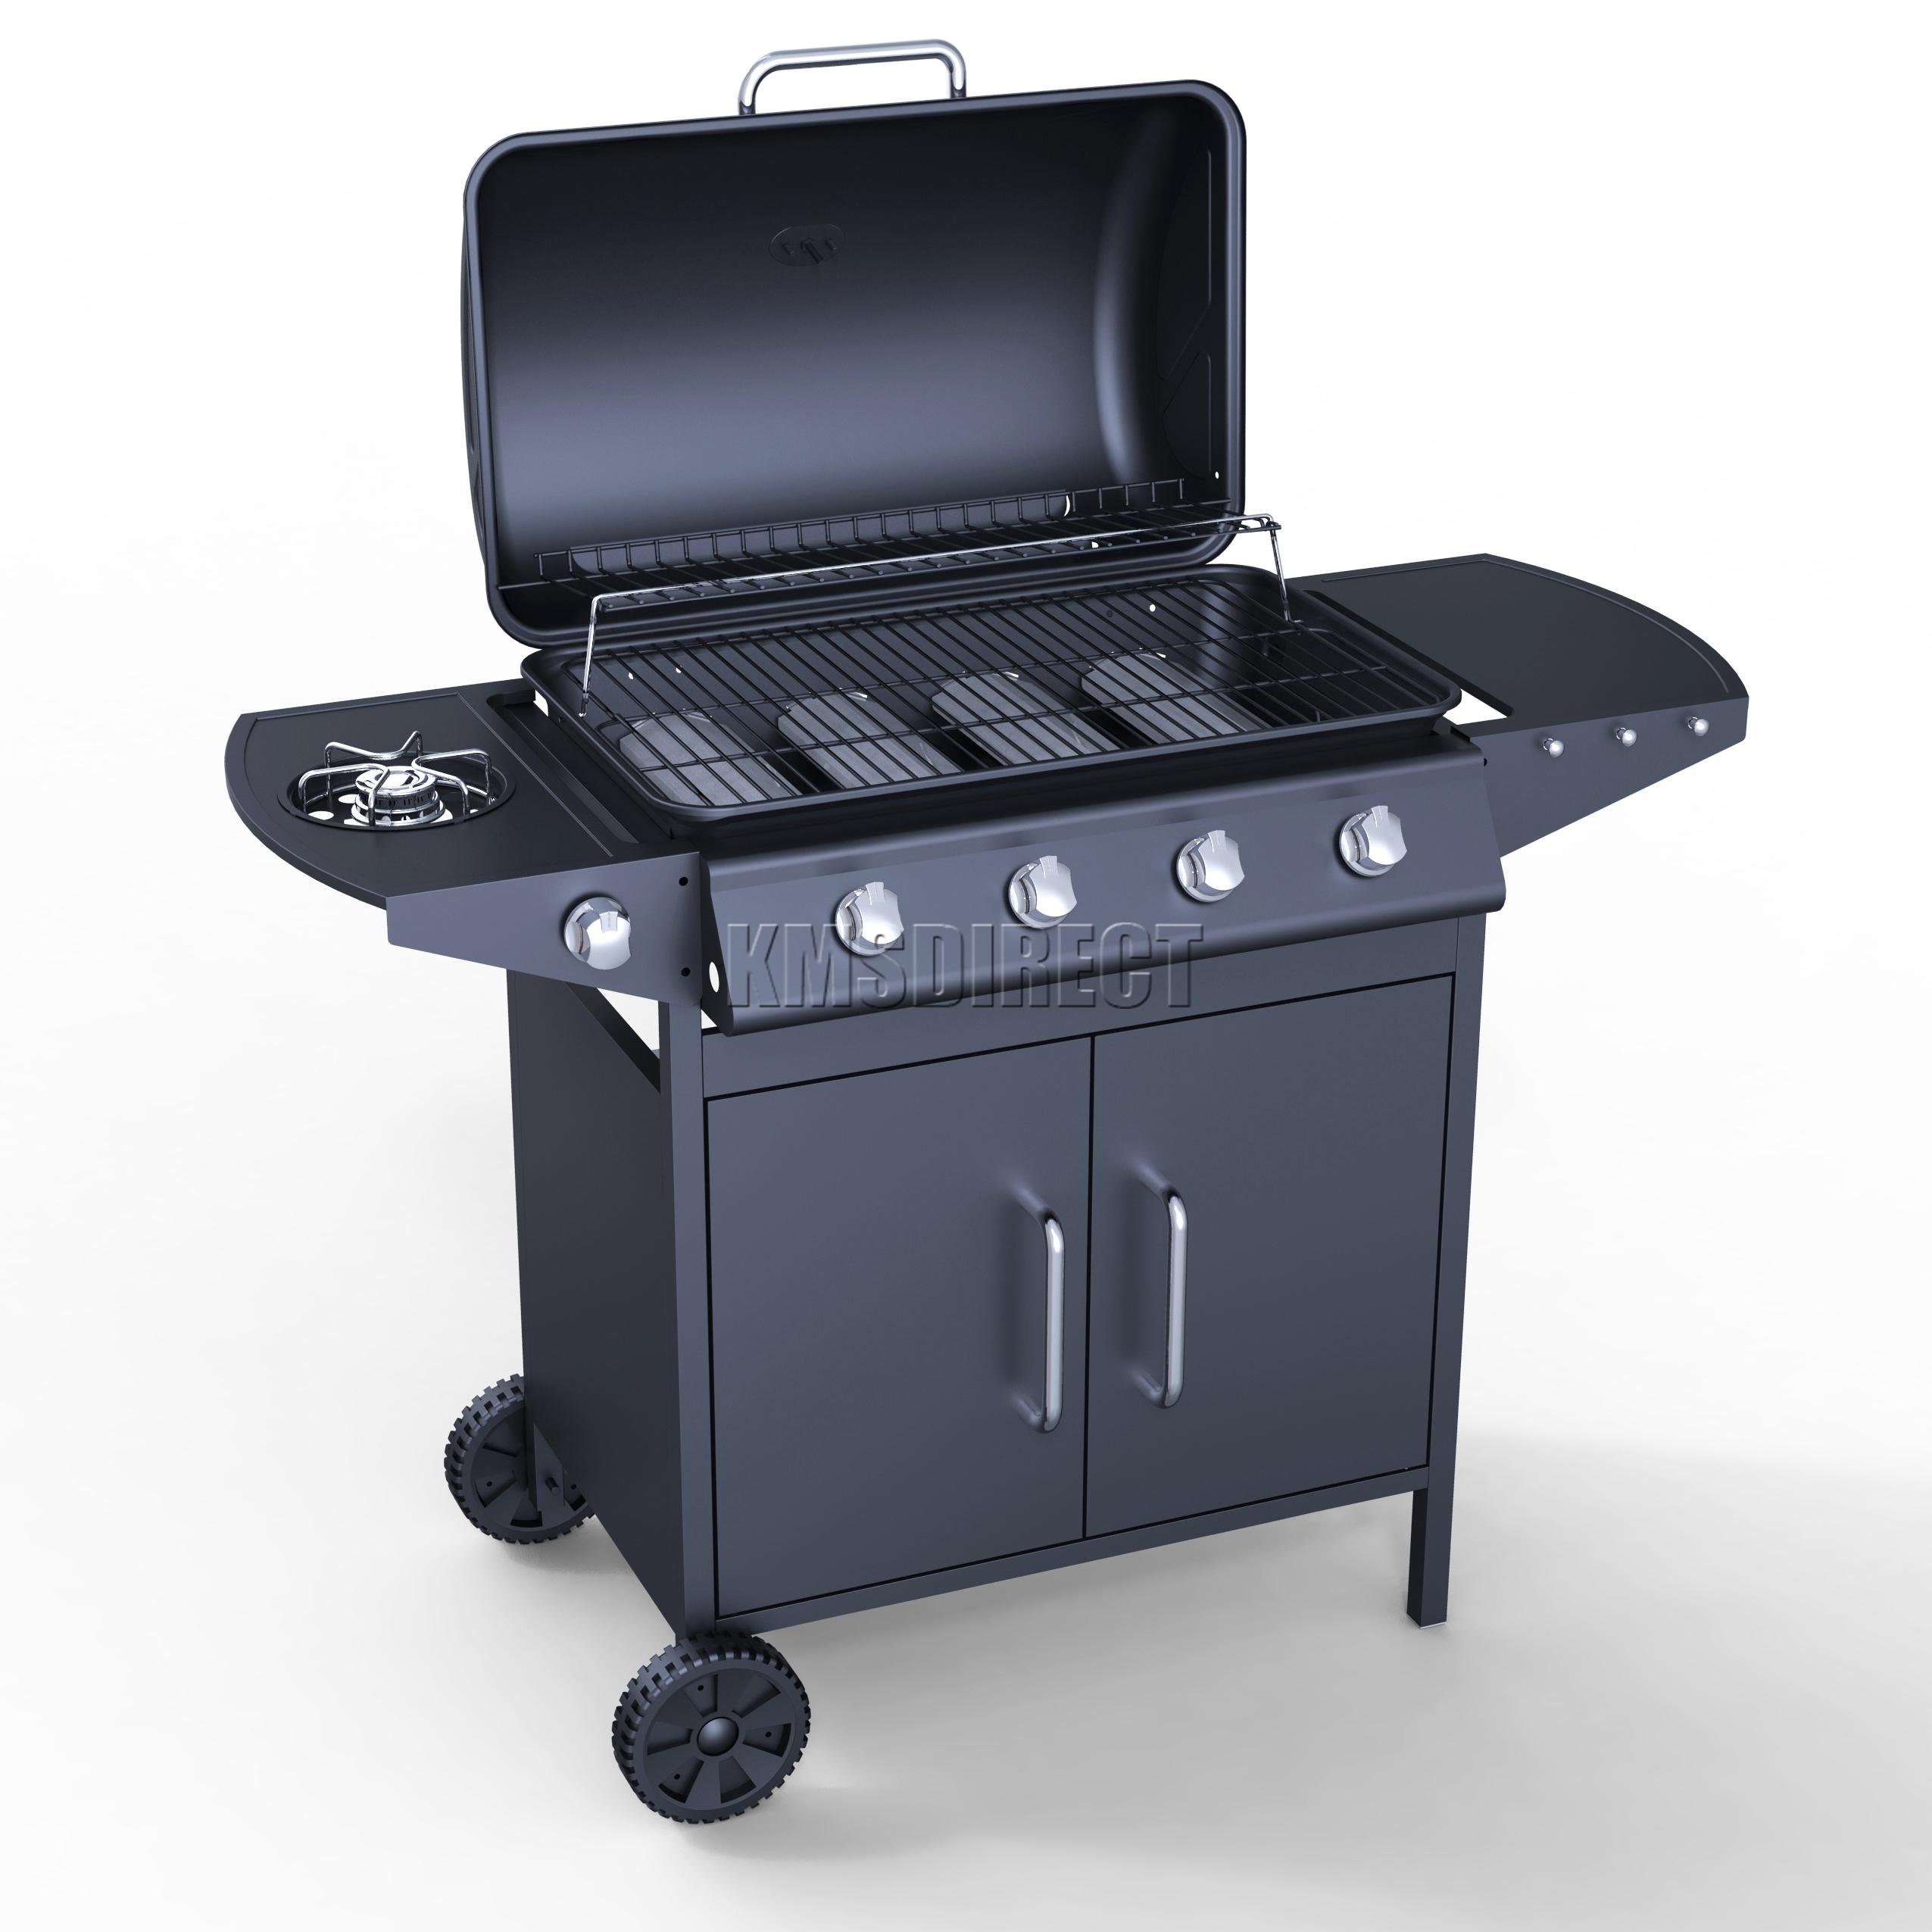 Foxhunter g d burner bbq gas grill black steel